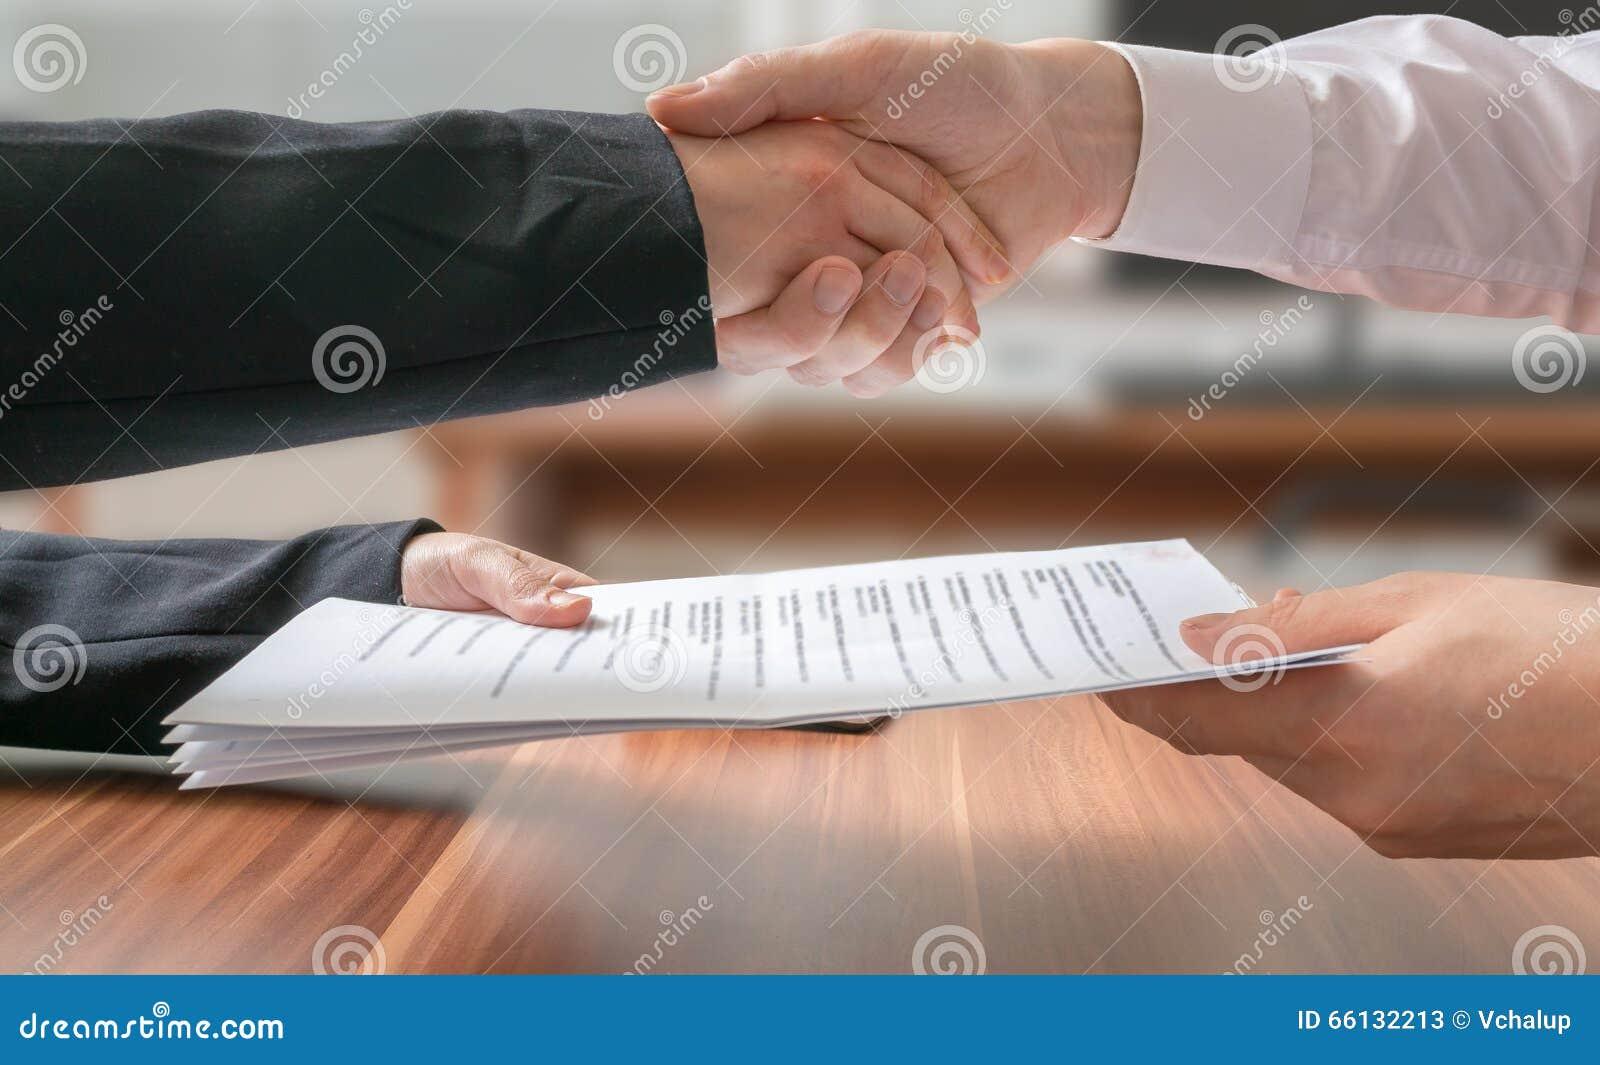 διαφορετικός γρίφος δύο κομματιών συνεργασίας χεριών έννοιας Χέρια τινάγματος επιχειρησιακών ανδρών και γυναικών και διάβαση της